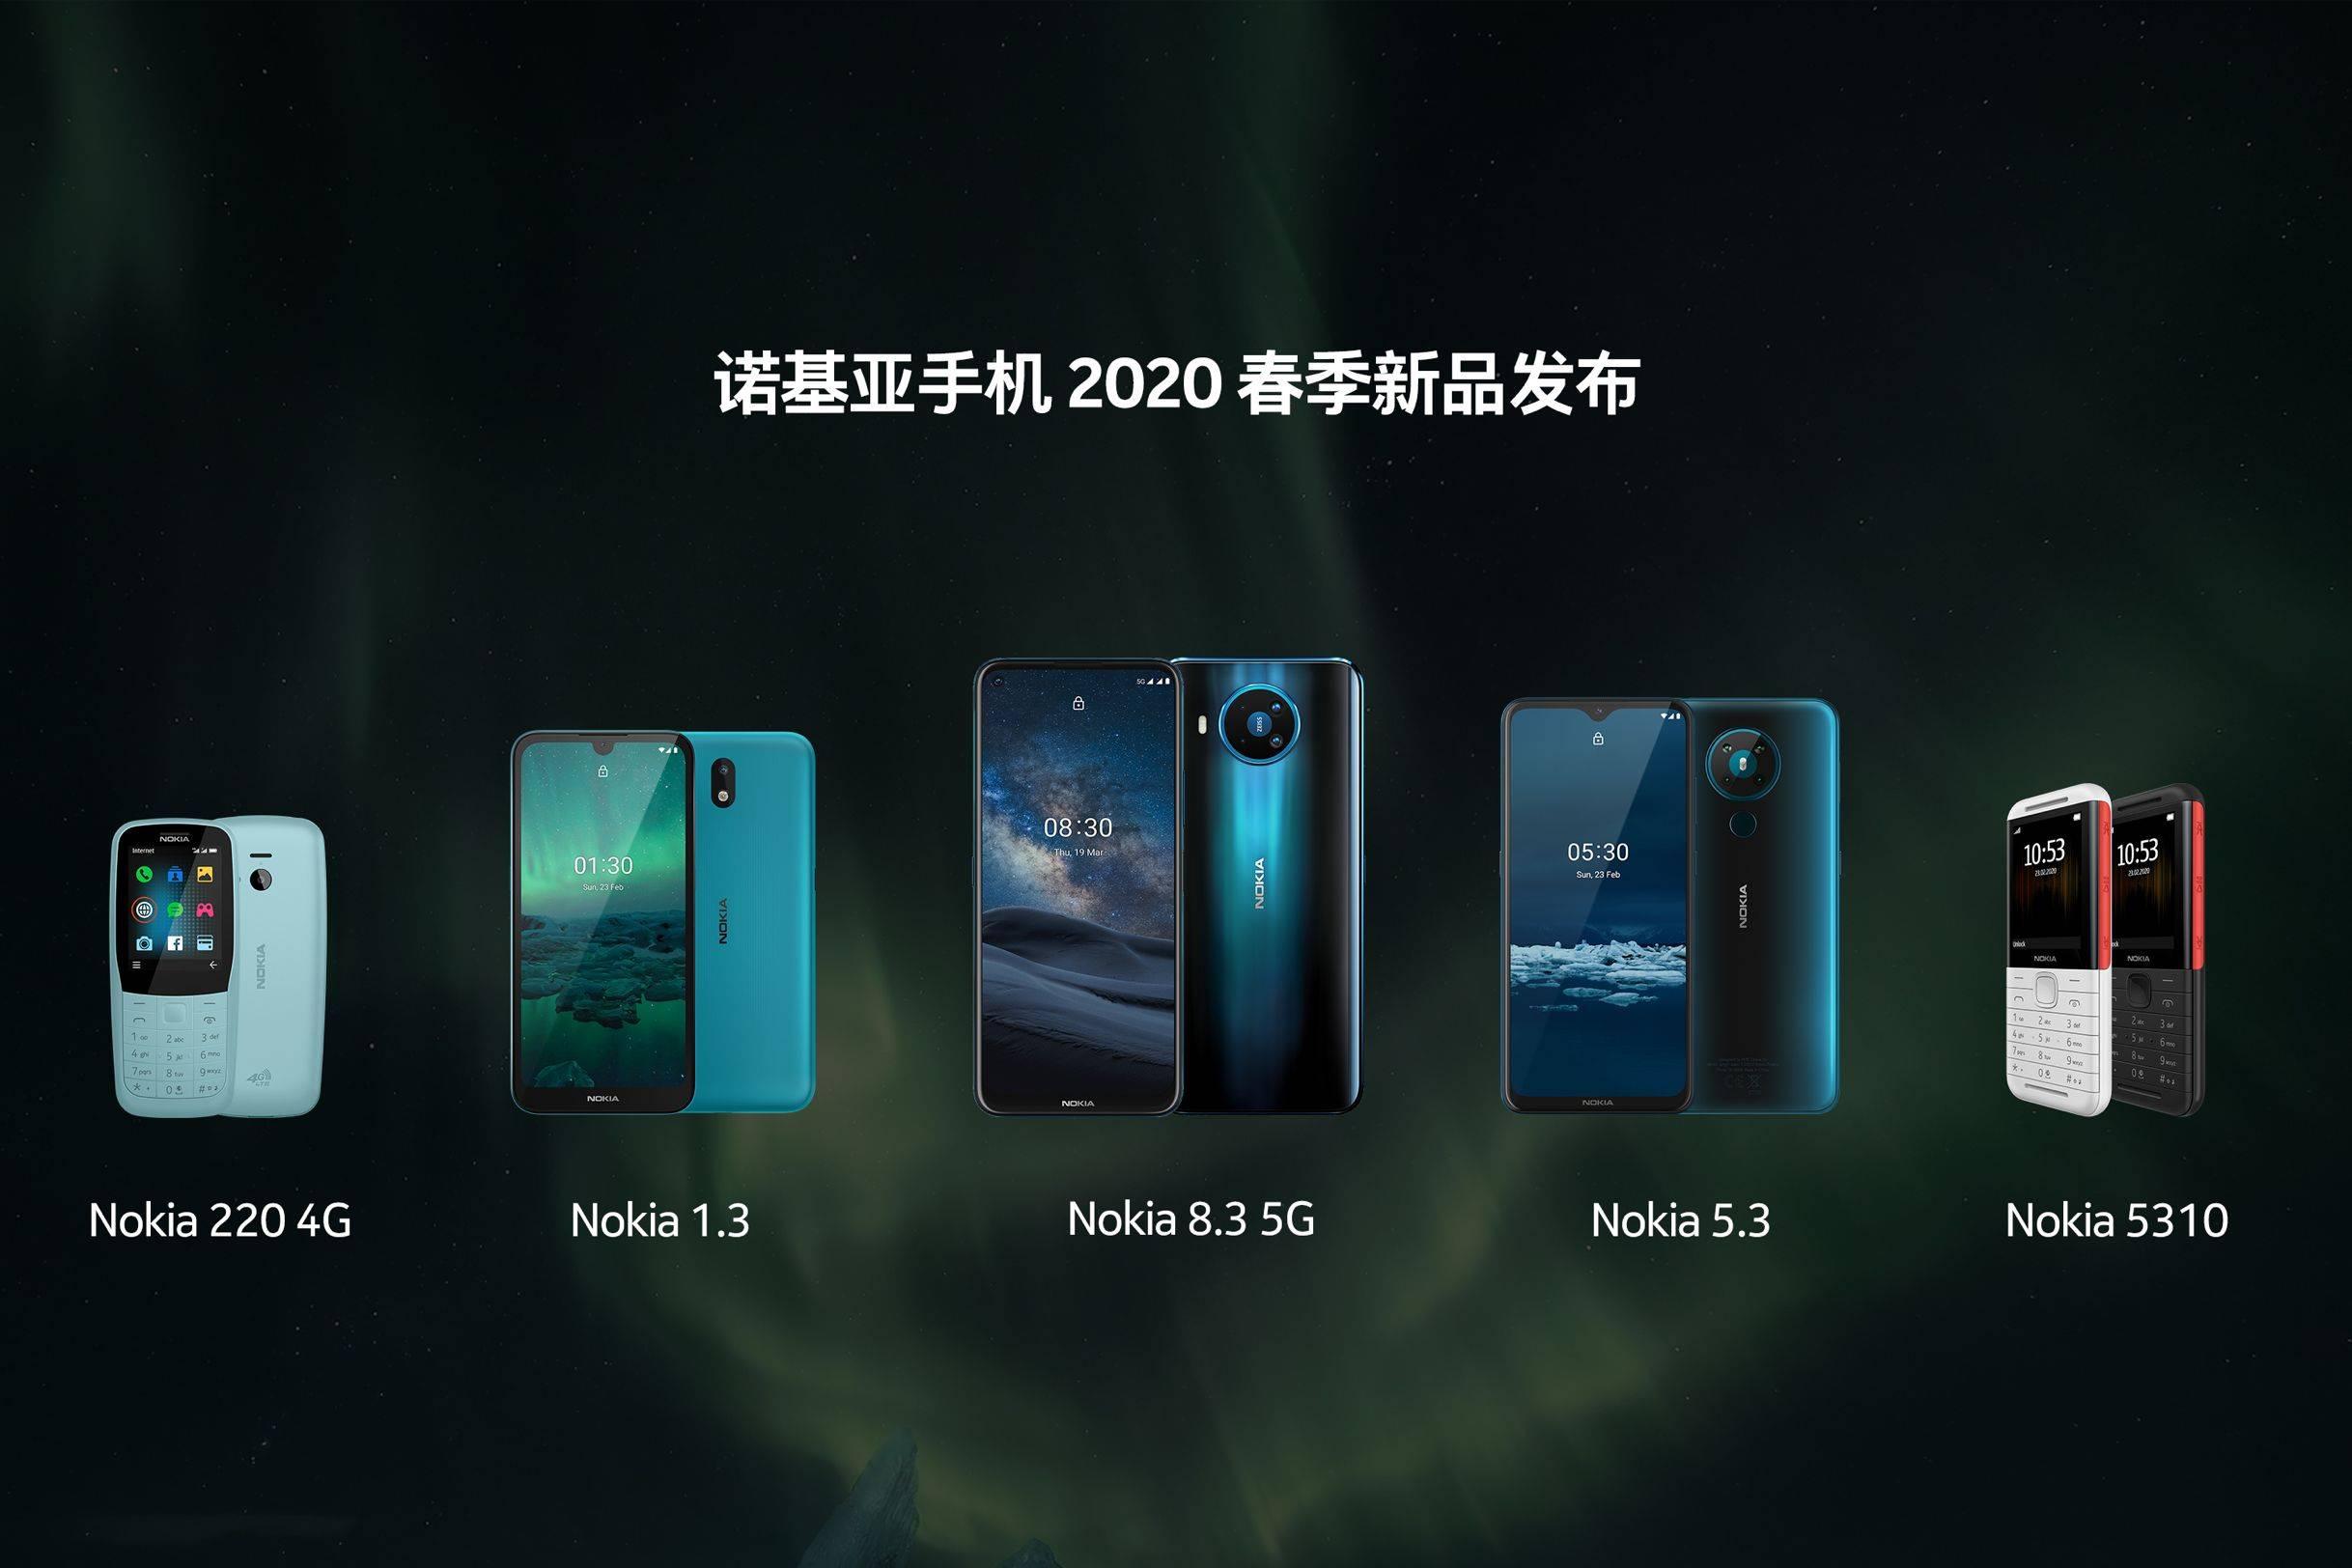 诺基亚首款 5G手机 Nokia8.3 5G正式发布,与电影《007:无暇赴死》达成合作